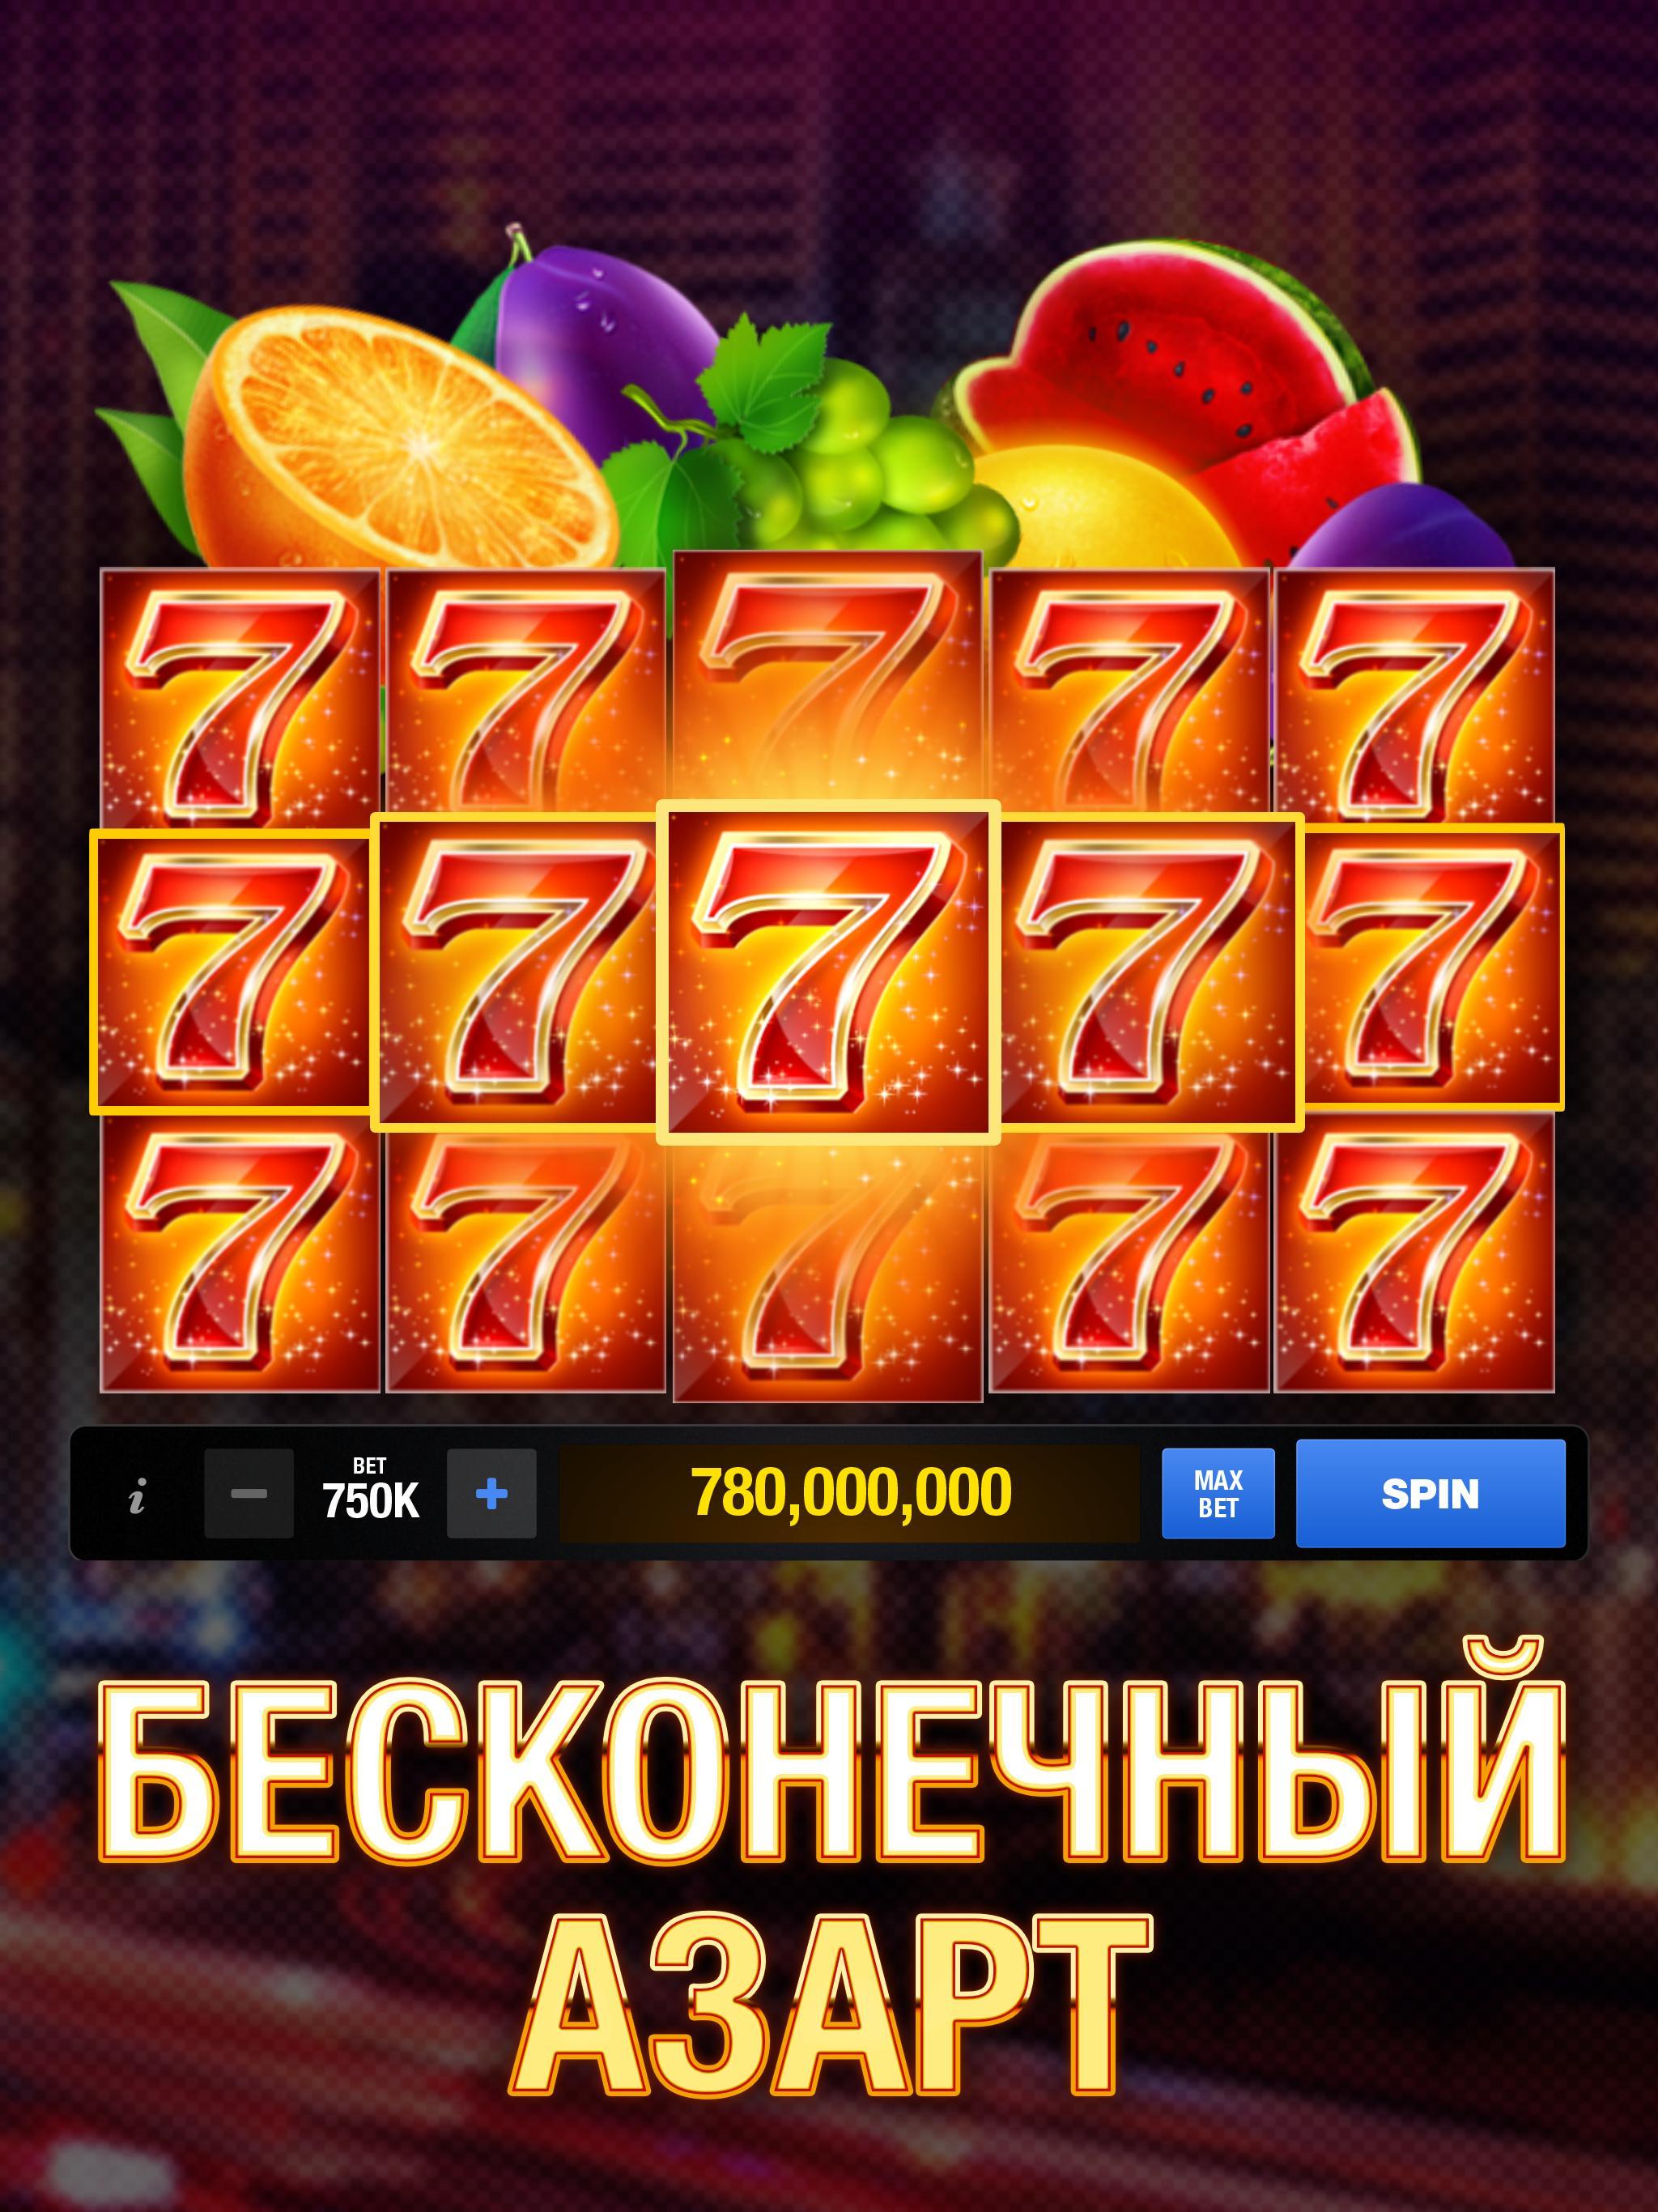 Капитан джек игровые автоматы 2013 бесплатно игровые автоматы играть бесплатно фрут коктель